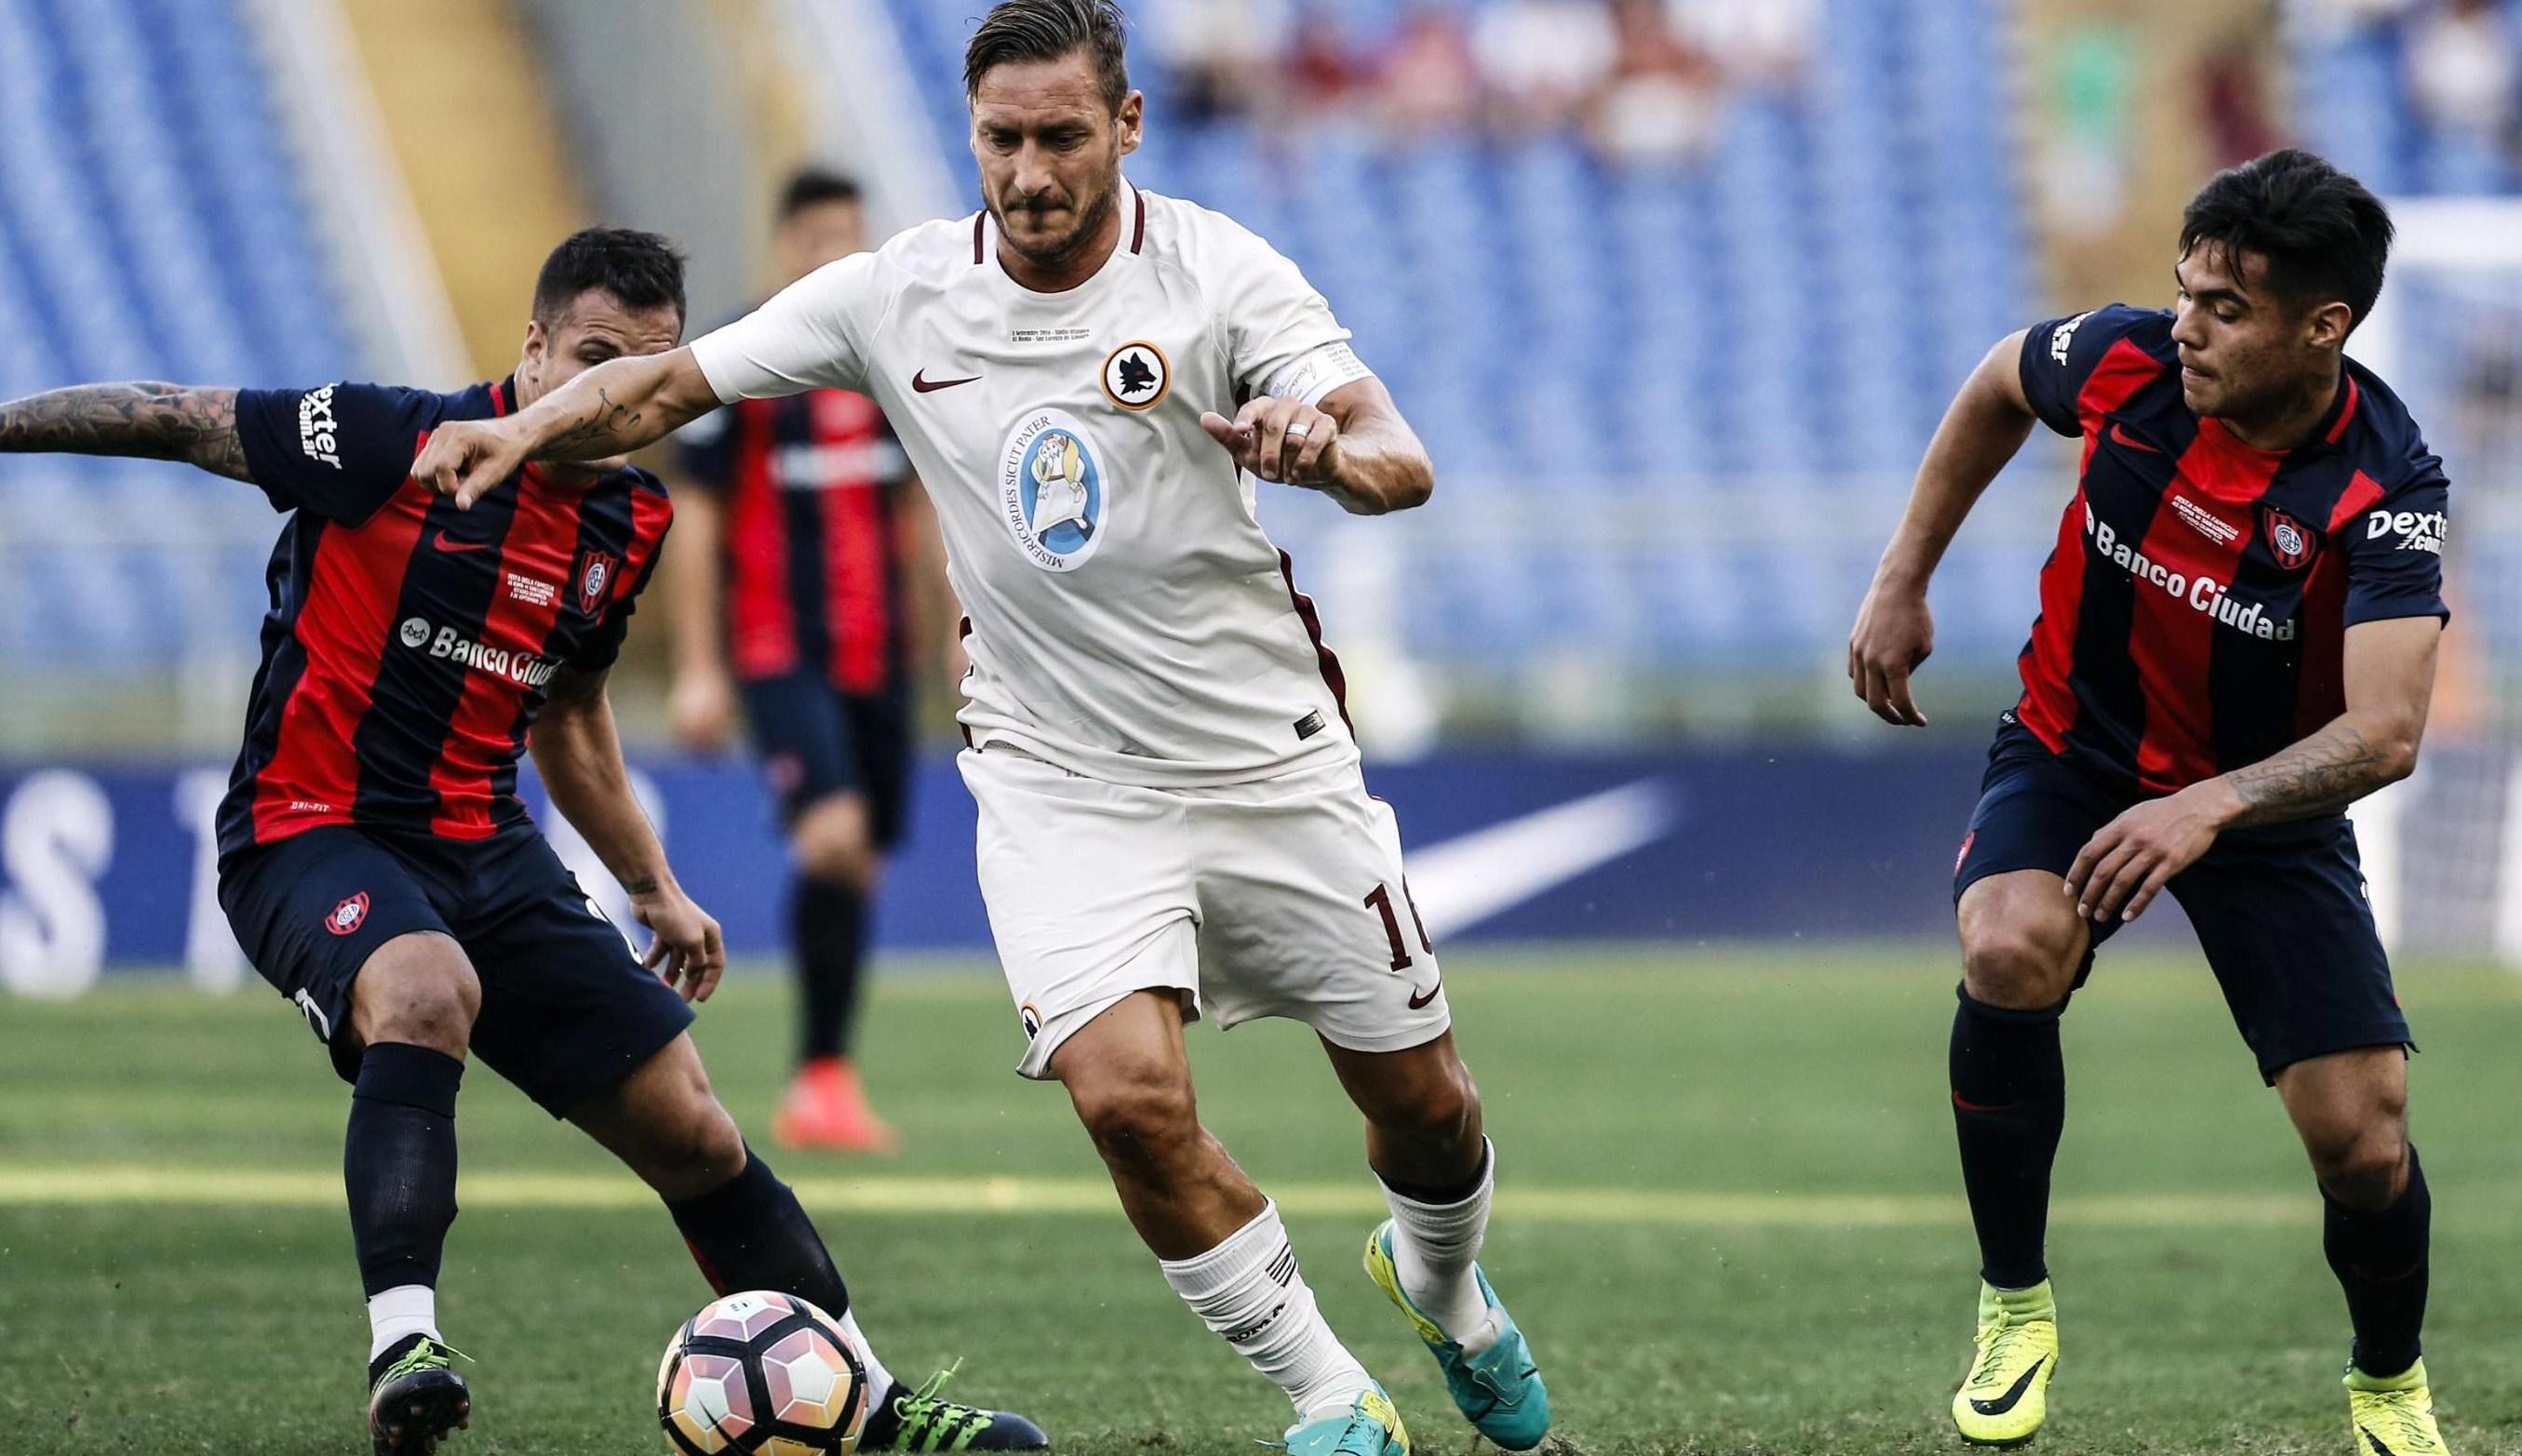 La Roma con gol de Iturbe venció a San Lorenzo en un amistoso benéfico